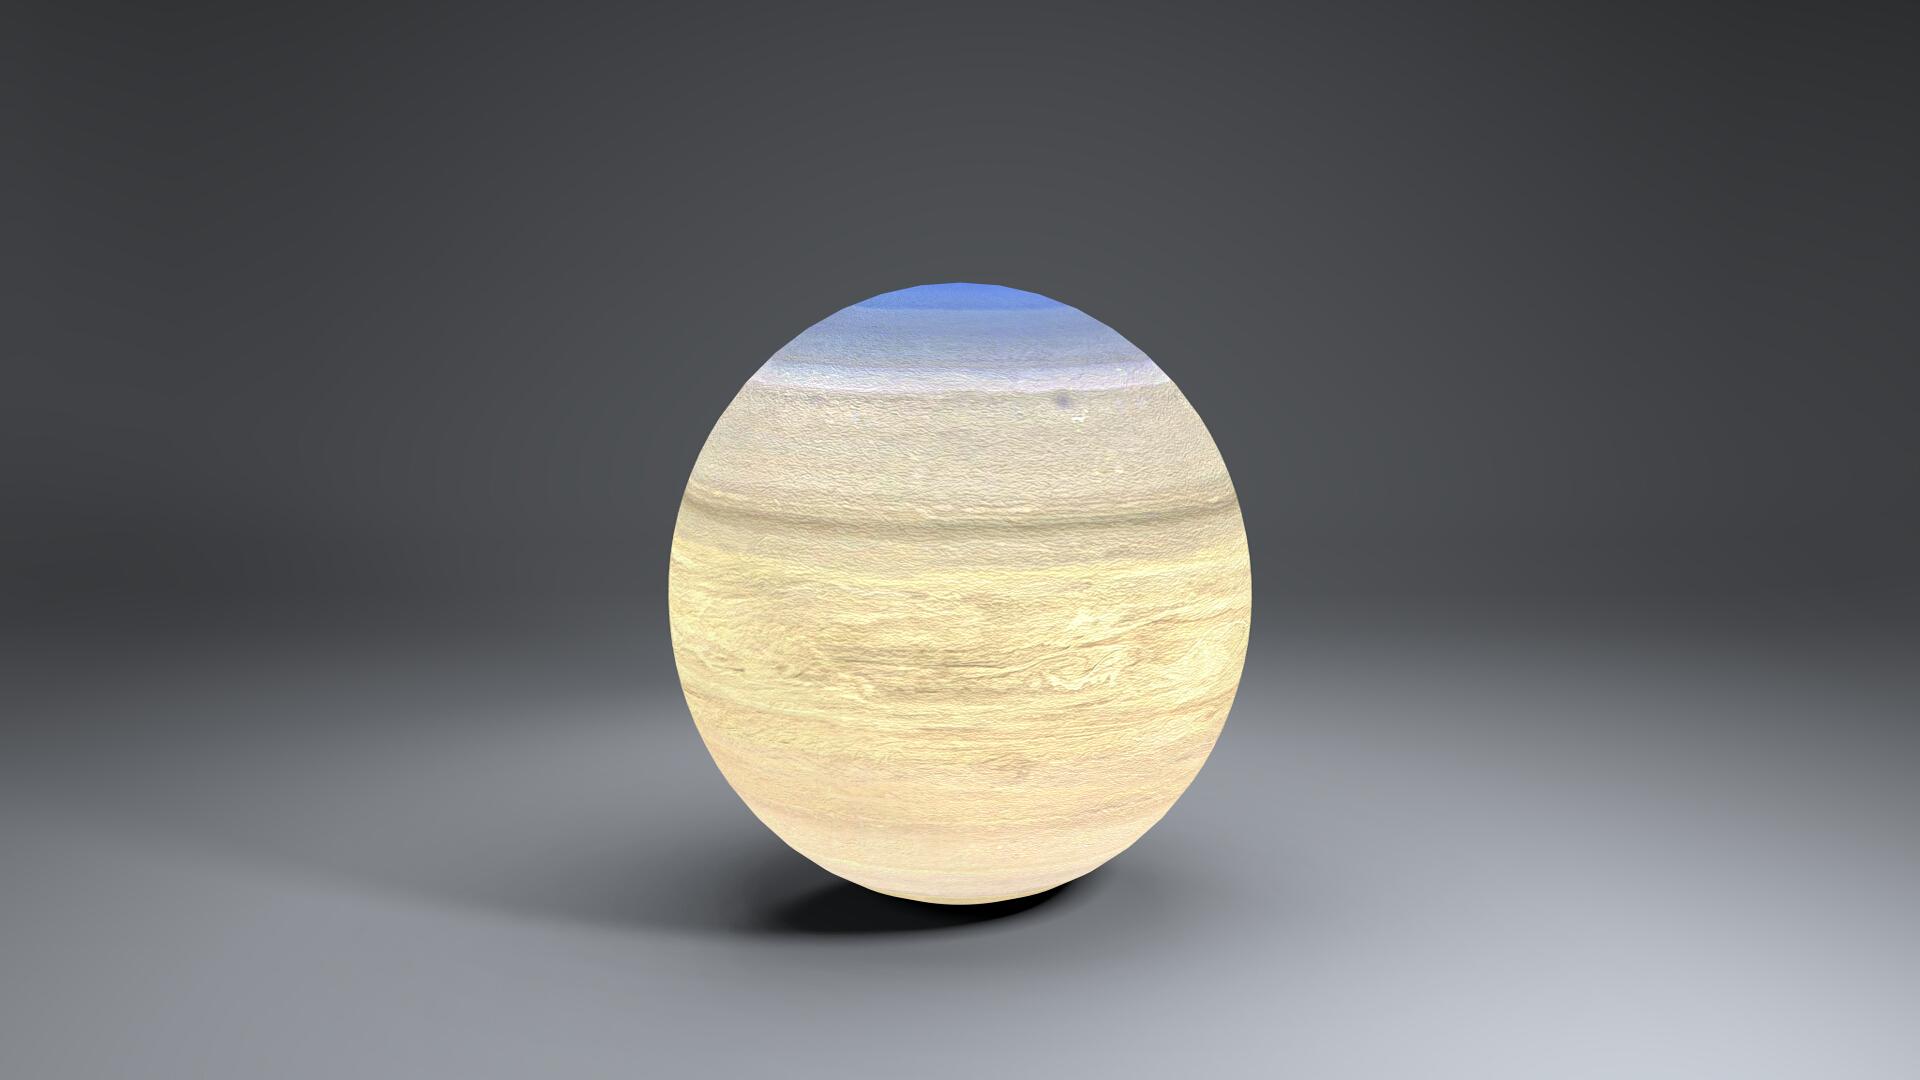 saturn 4k globe 3d model 3ds fbx blend dae obj 269054